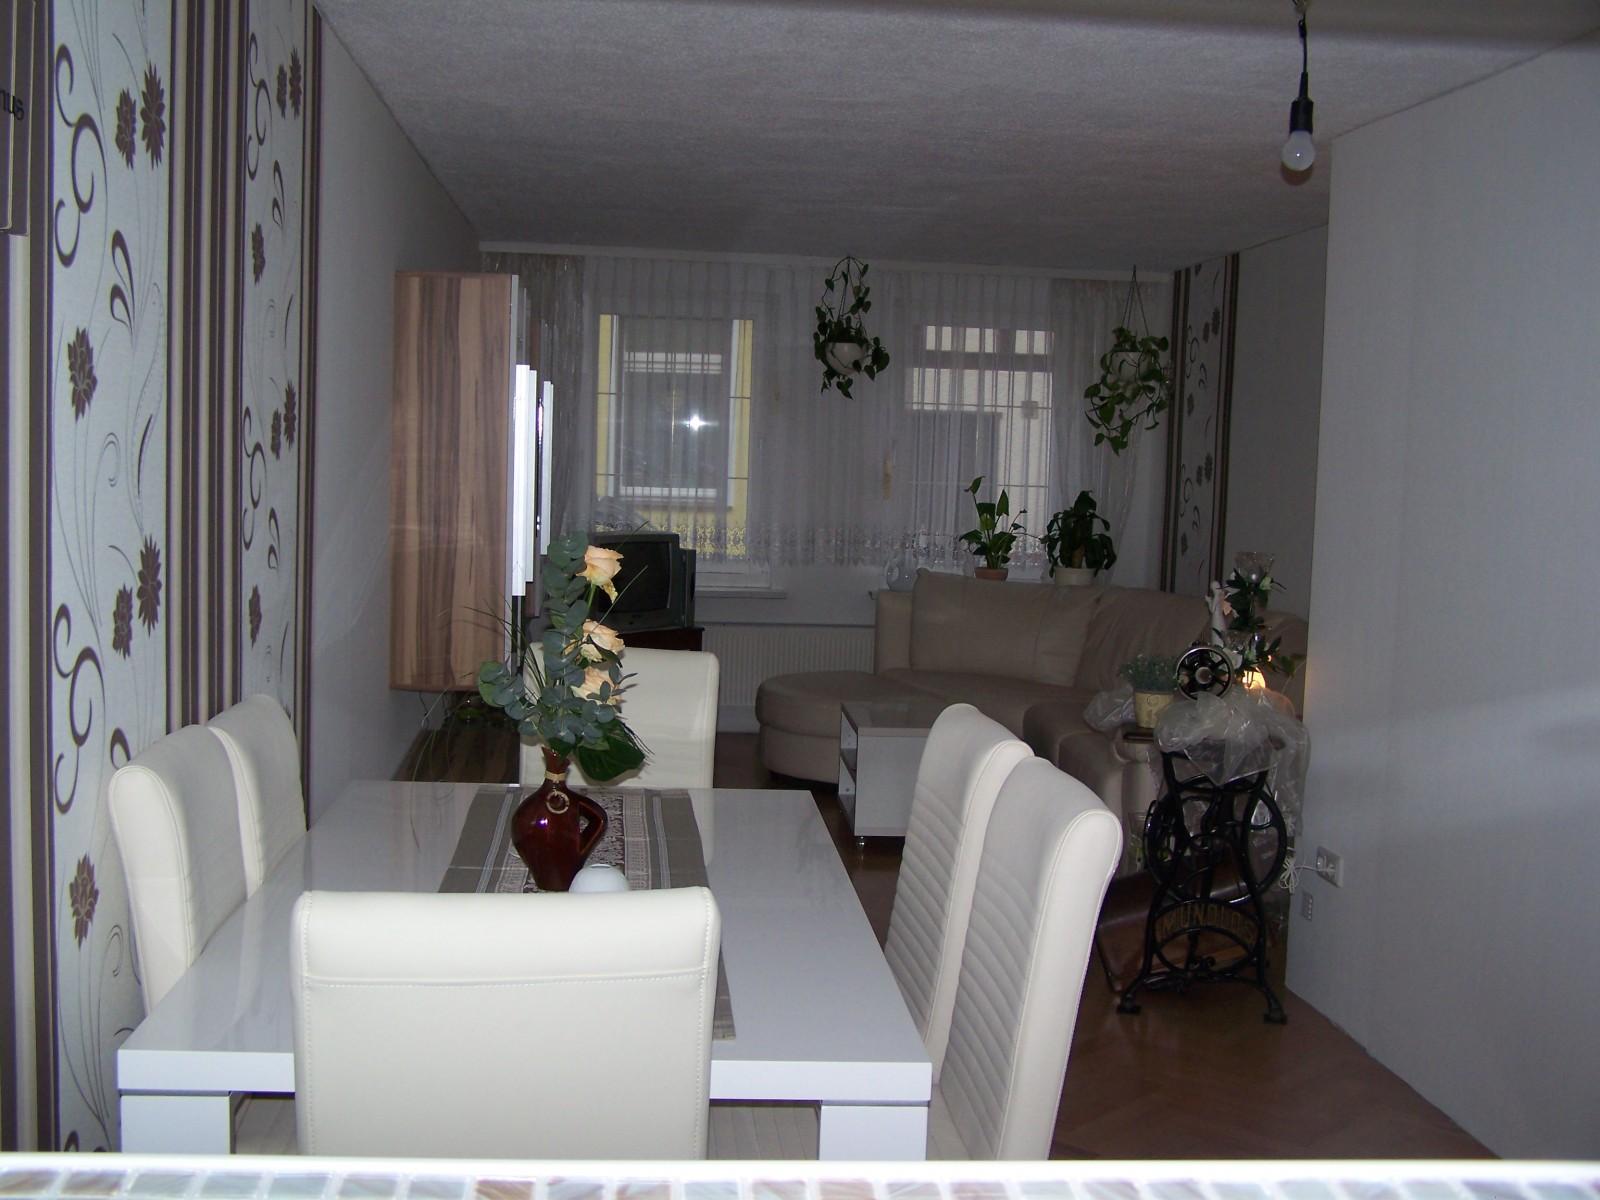 94 kleines wohnzimmer mit essbereich einrichten design. Black Bedroom Furniture Sets. Home Design Ideas